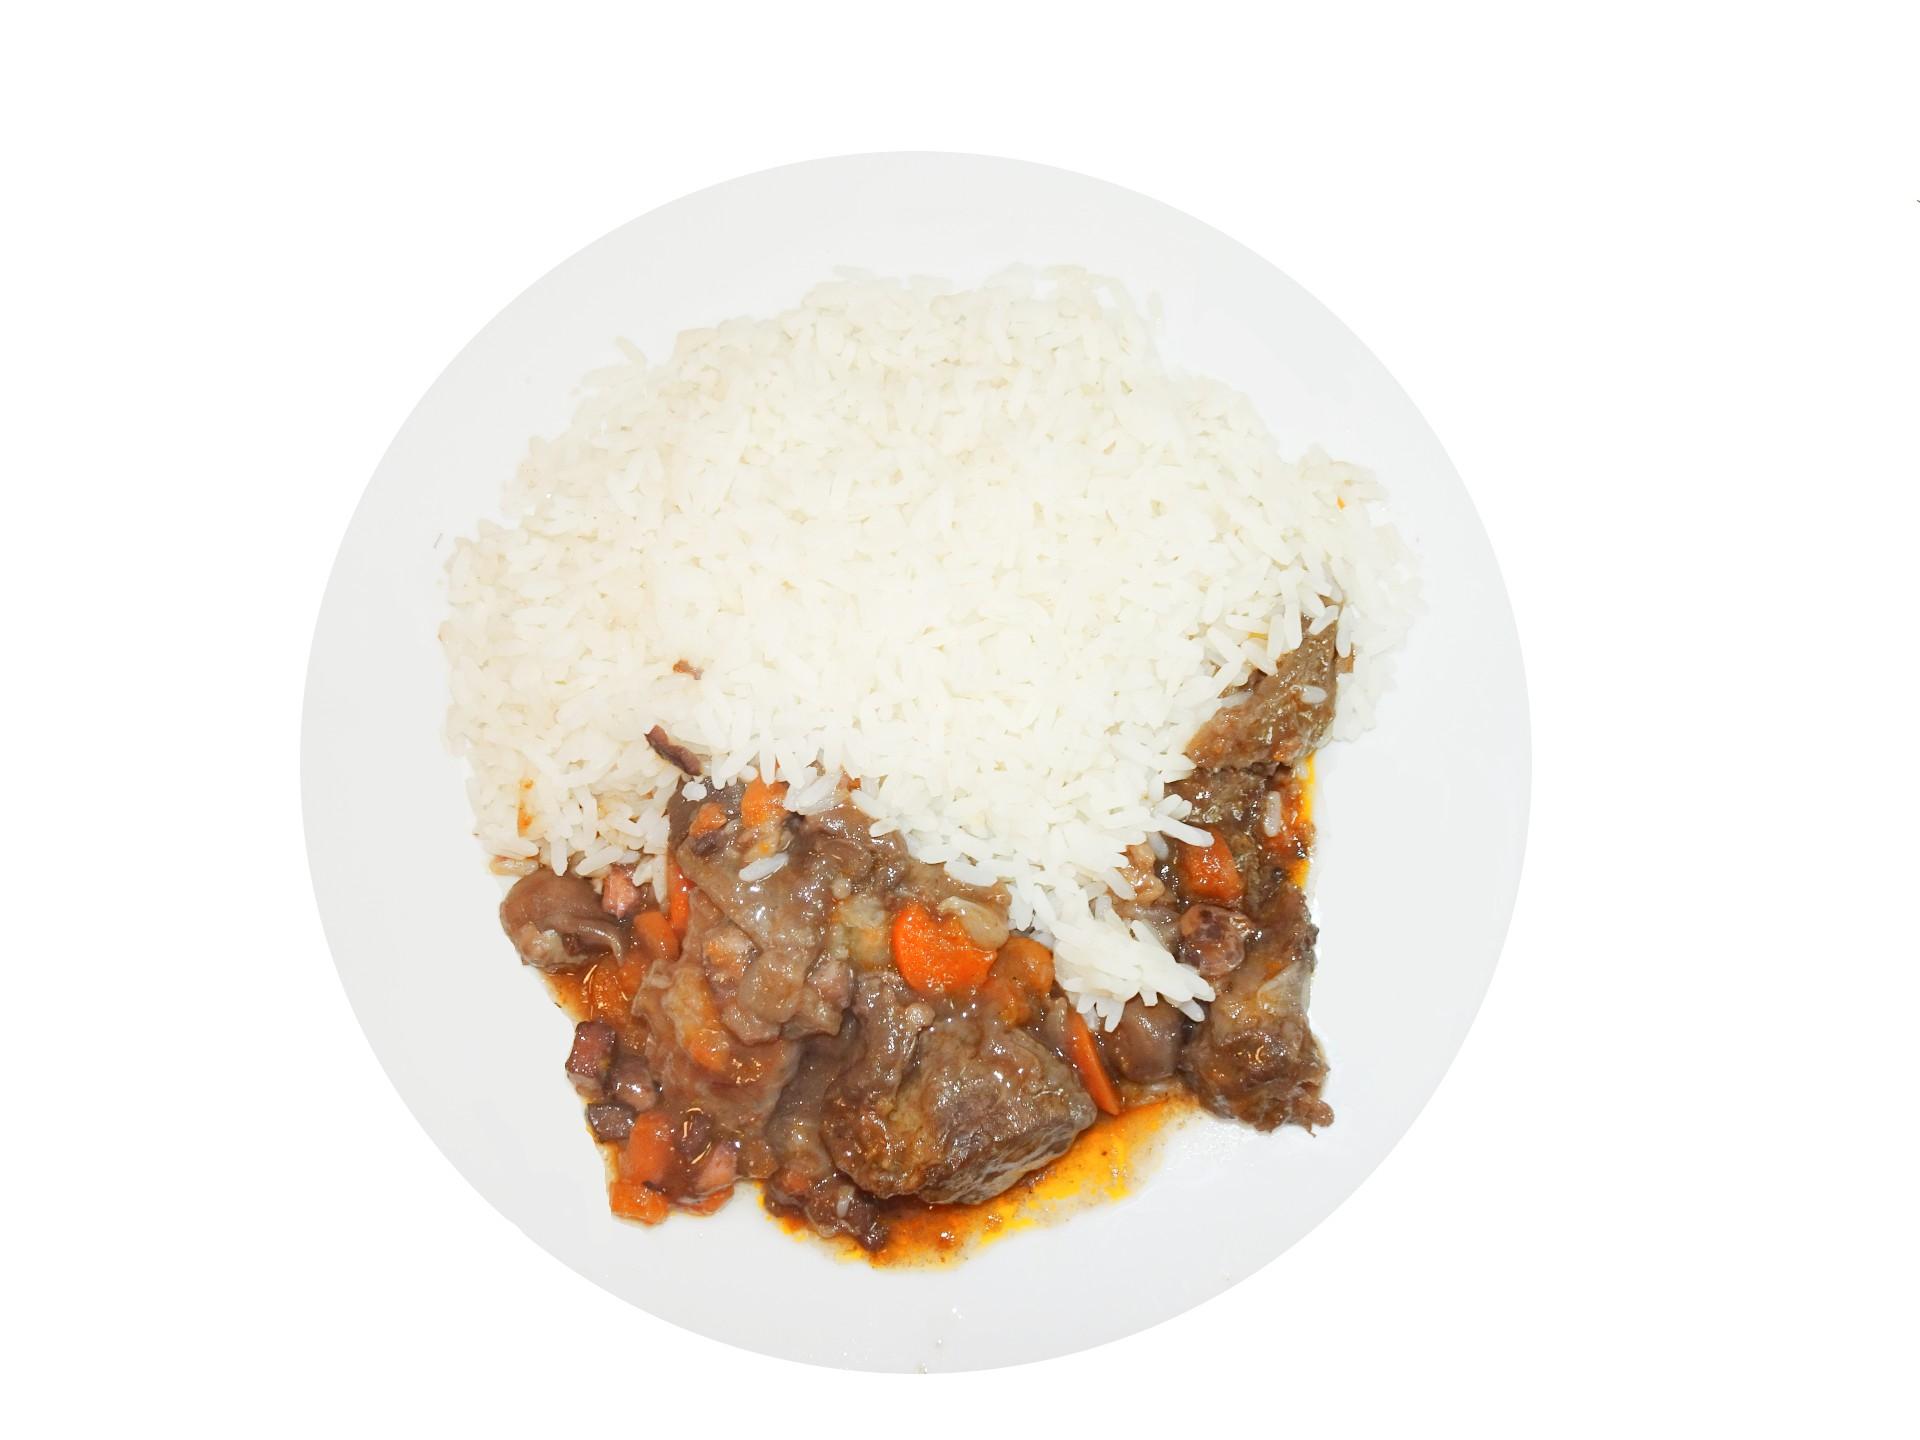 Boeuf bourguignon riz